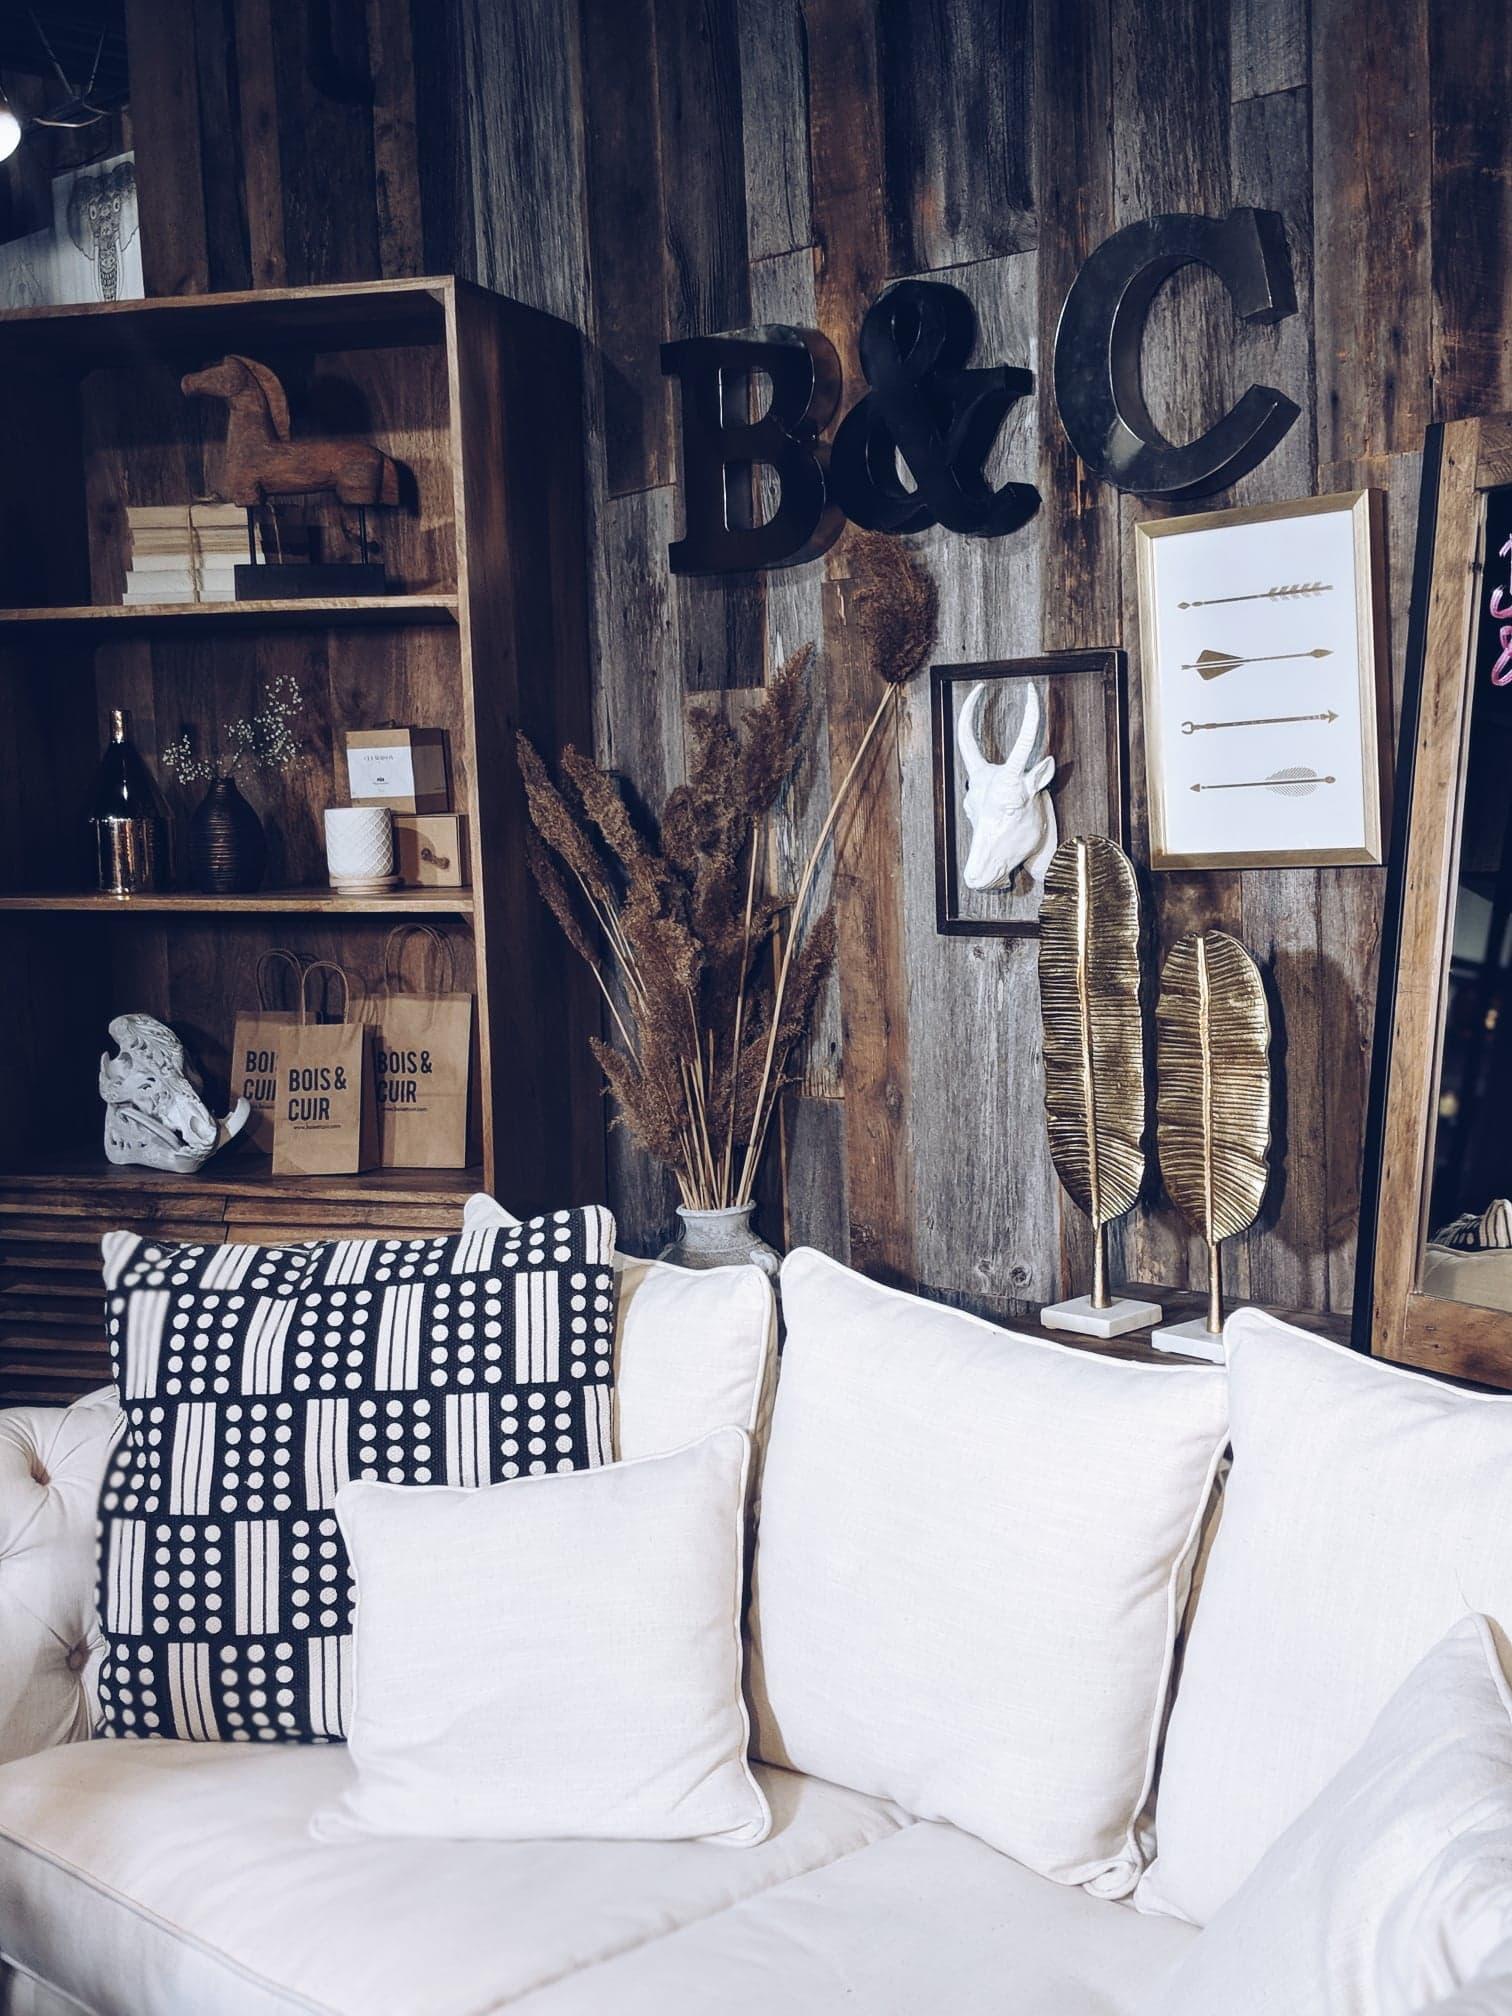 Ariane vous parle de sa visite à la nouvelle boutique Bois & Cuir